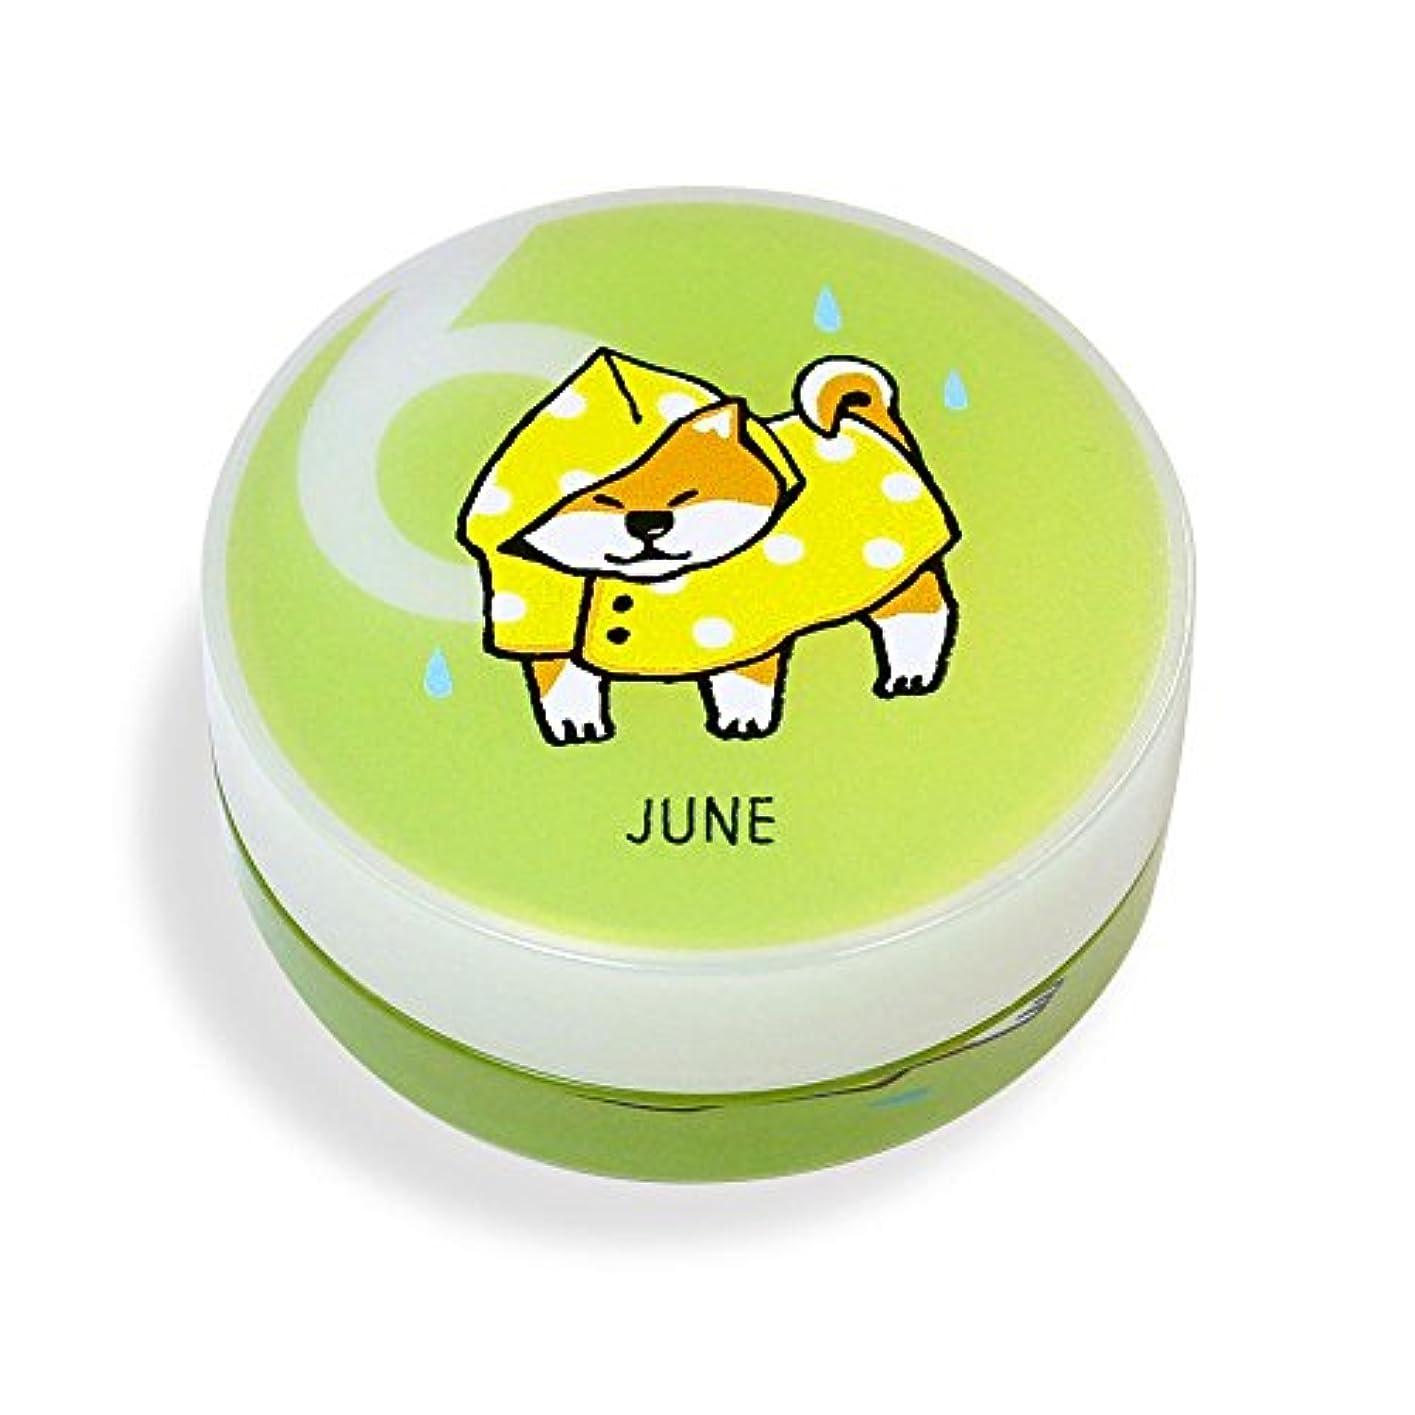 最後に稚魚眠りしばんばん フルプルクリーム 誕生月シリーズ 6月 20g